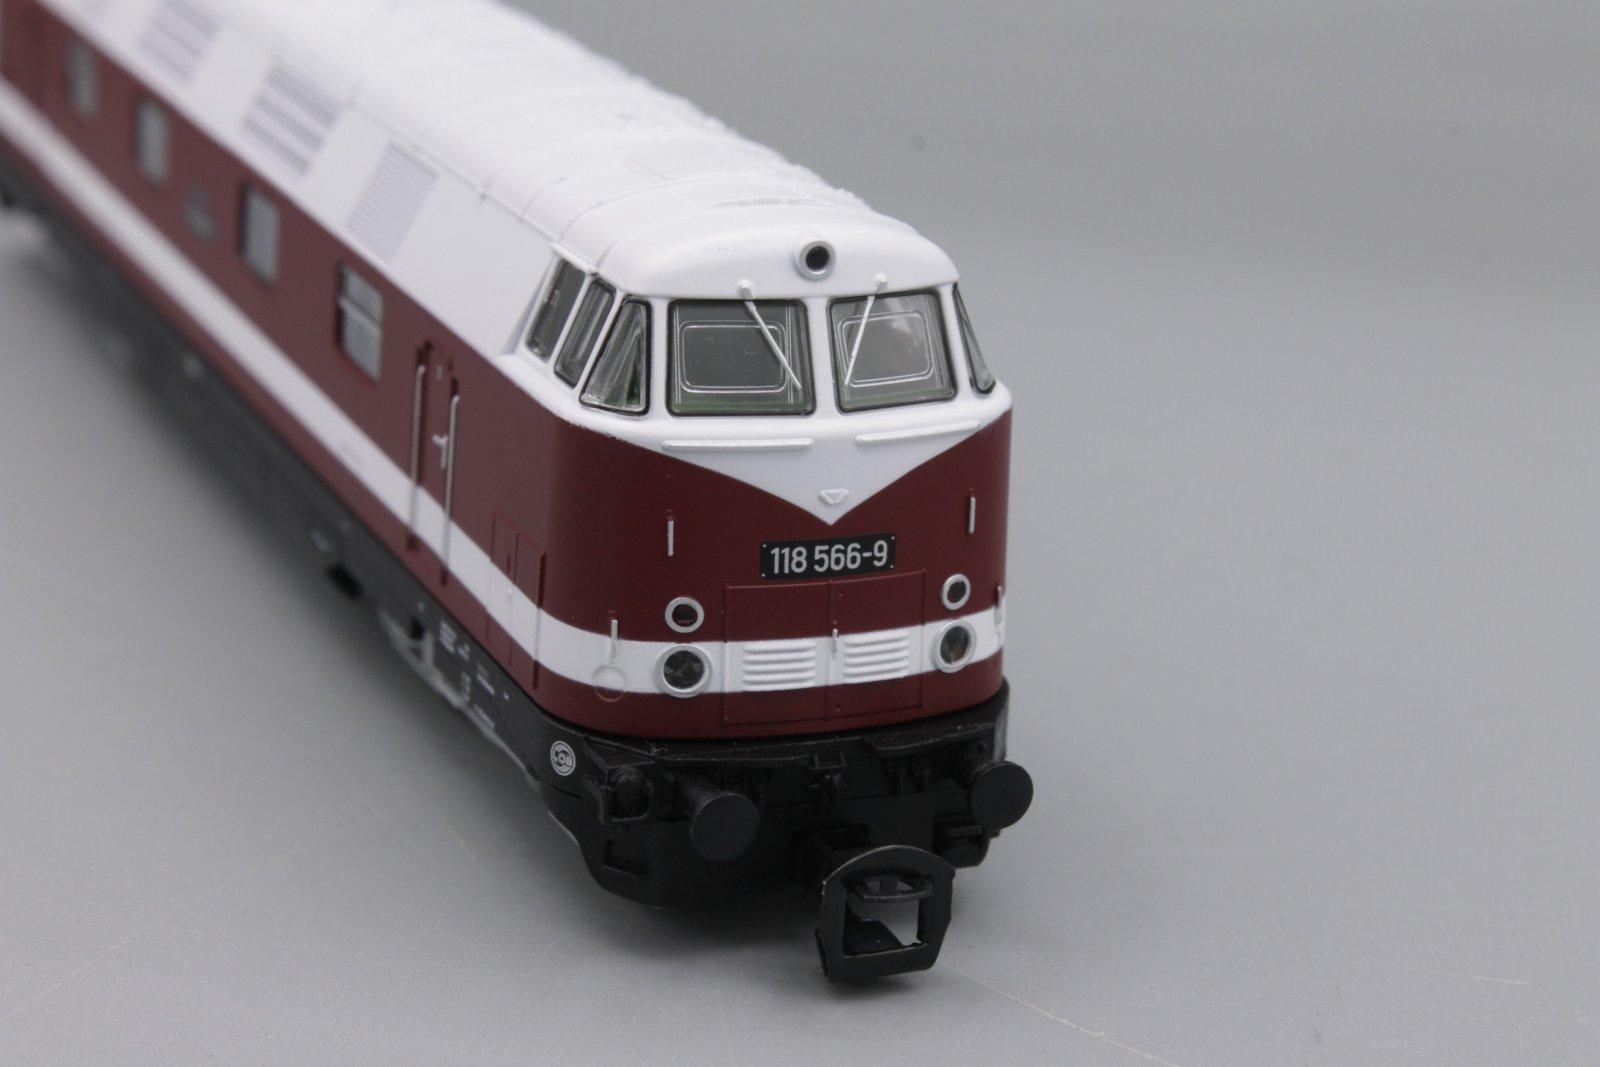 Piko 47280 Diesellok 118 566-9Spur TT - digital (D&H) mit Sound (Henning-Sound)